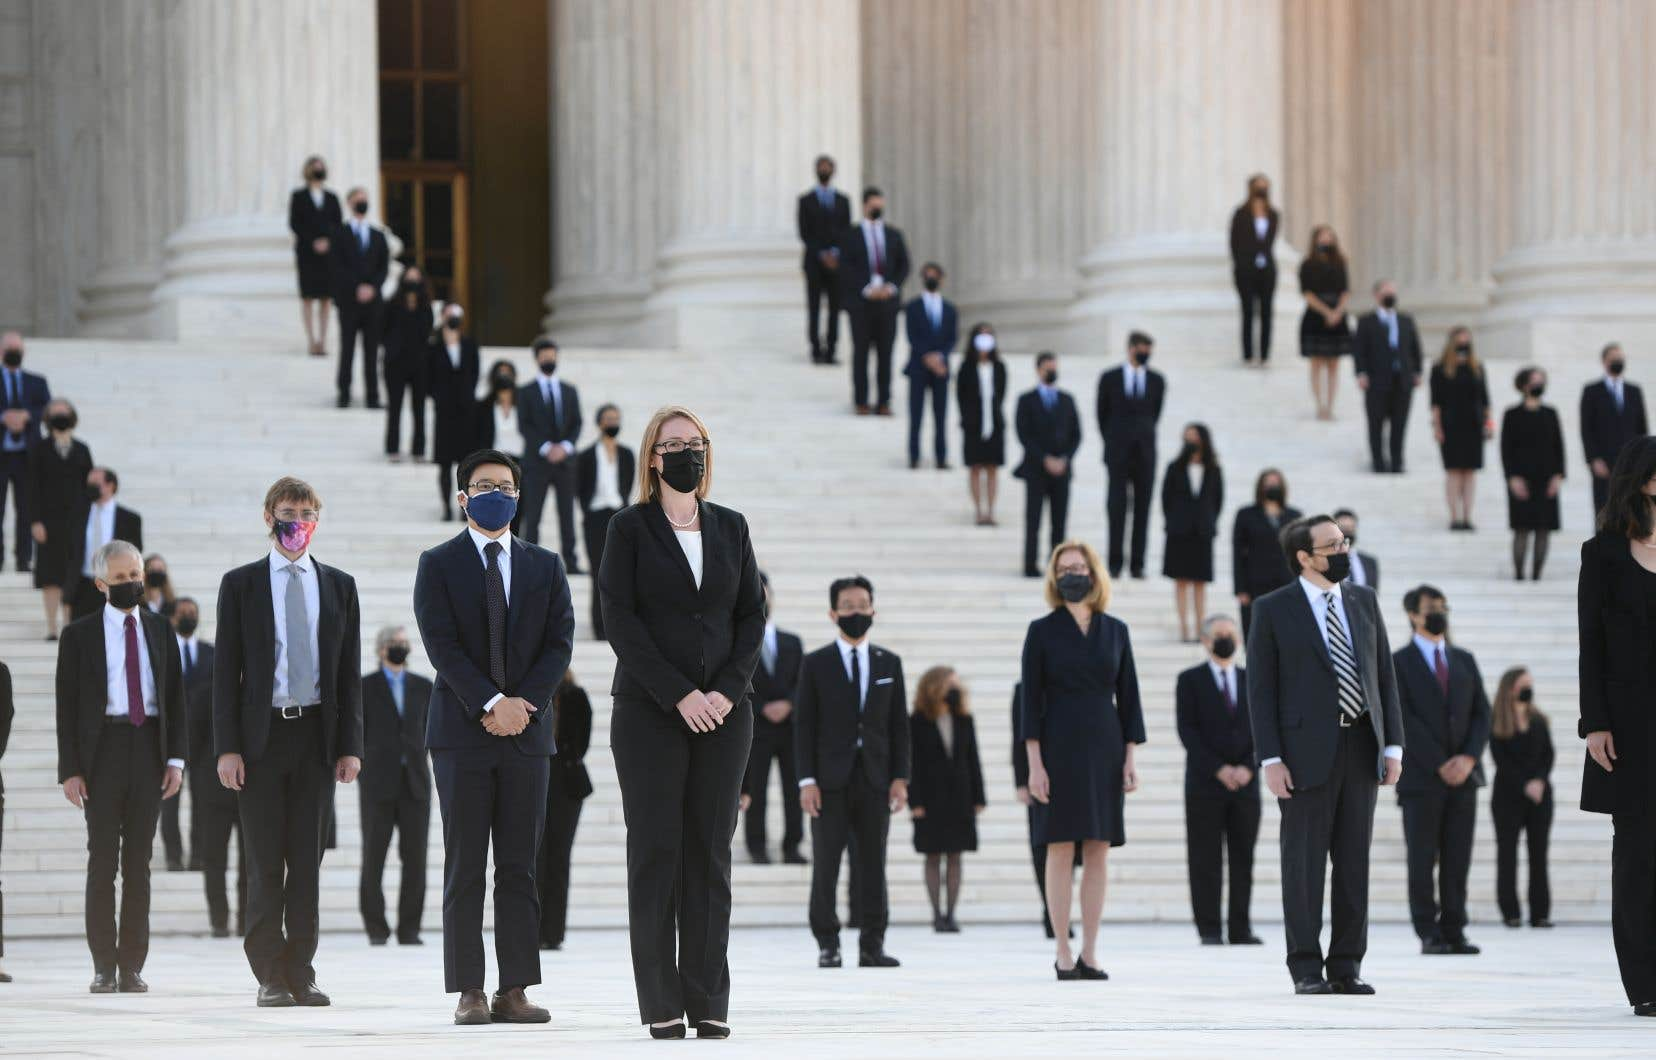 Mercredi matin, des dizaines d'employés de la Cour suprême des États-Unis se sont réunis sur les marches du plus haut tribunal du pays pour accueillir la dépouille de la juge Ruth Bader Ginsburg.